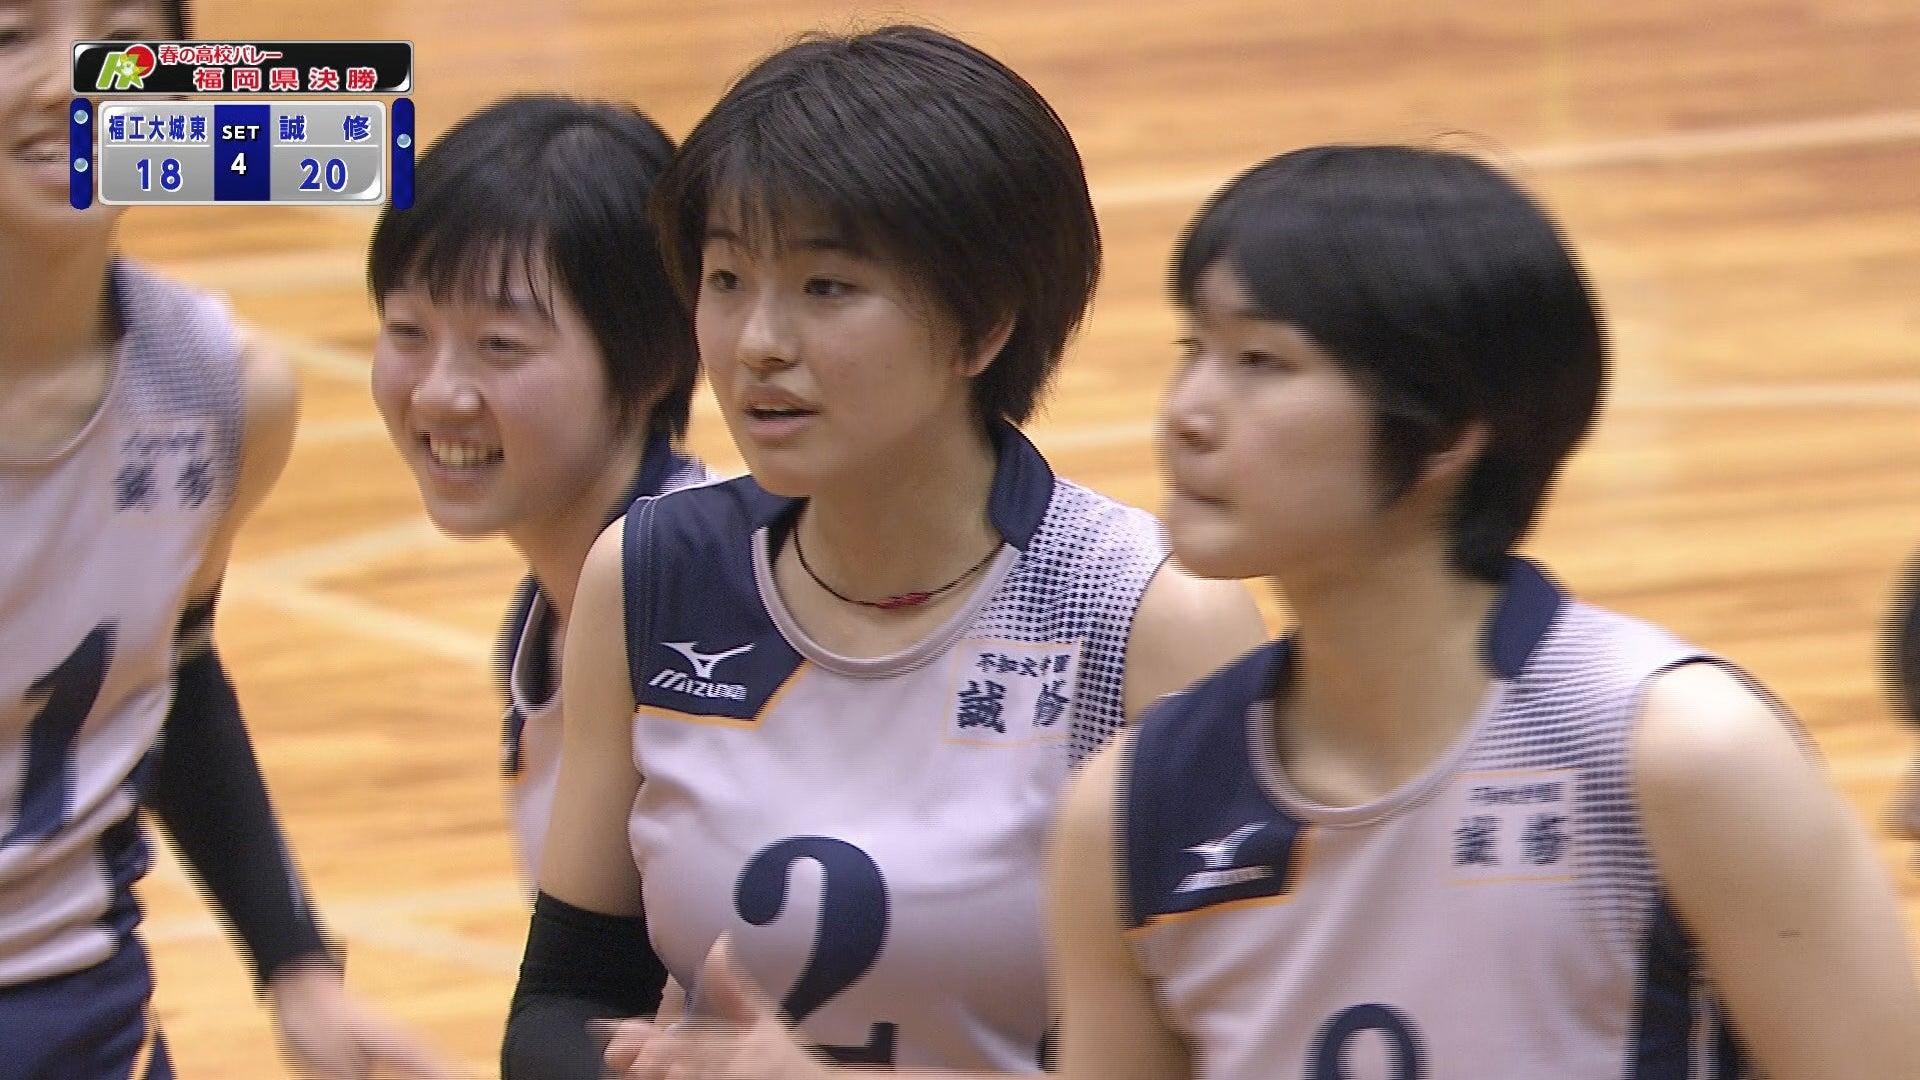 福岡 春 高校 バレー 2020